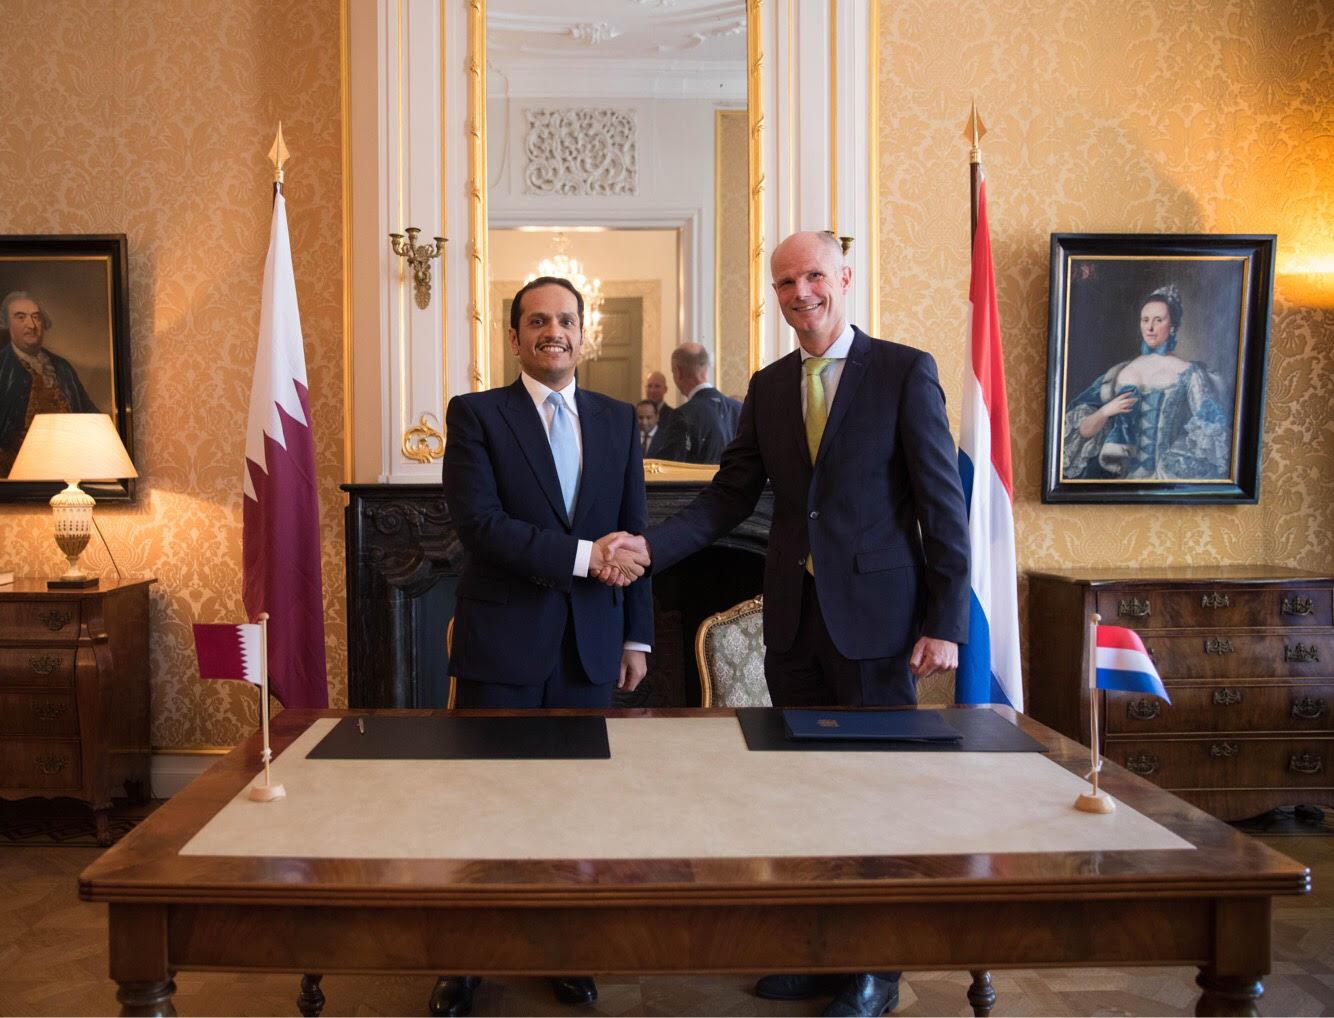 نائب رئيس مجلس الوزراء وزير الخارجية يجتمع مع وزير الخارجية الهولندي